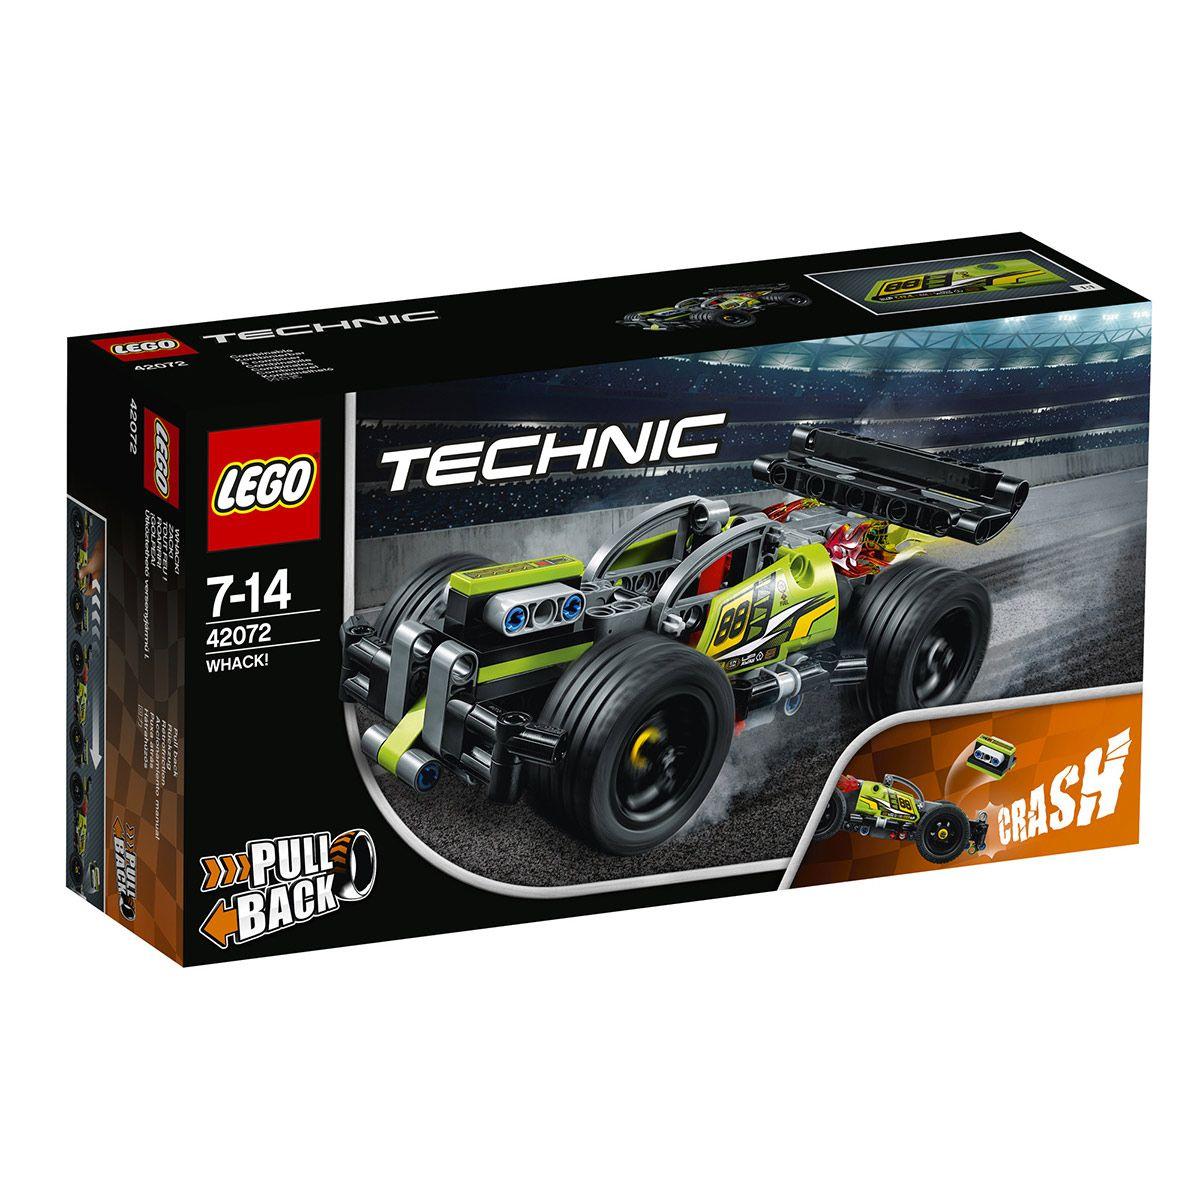 Récré Feu Lego Technic Sport 42072 La Tout Et Aventures Grande 7yYfI6gbv